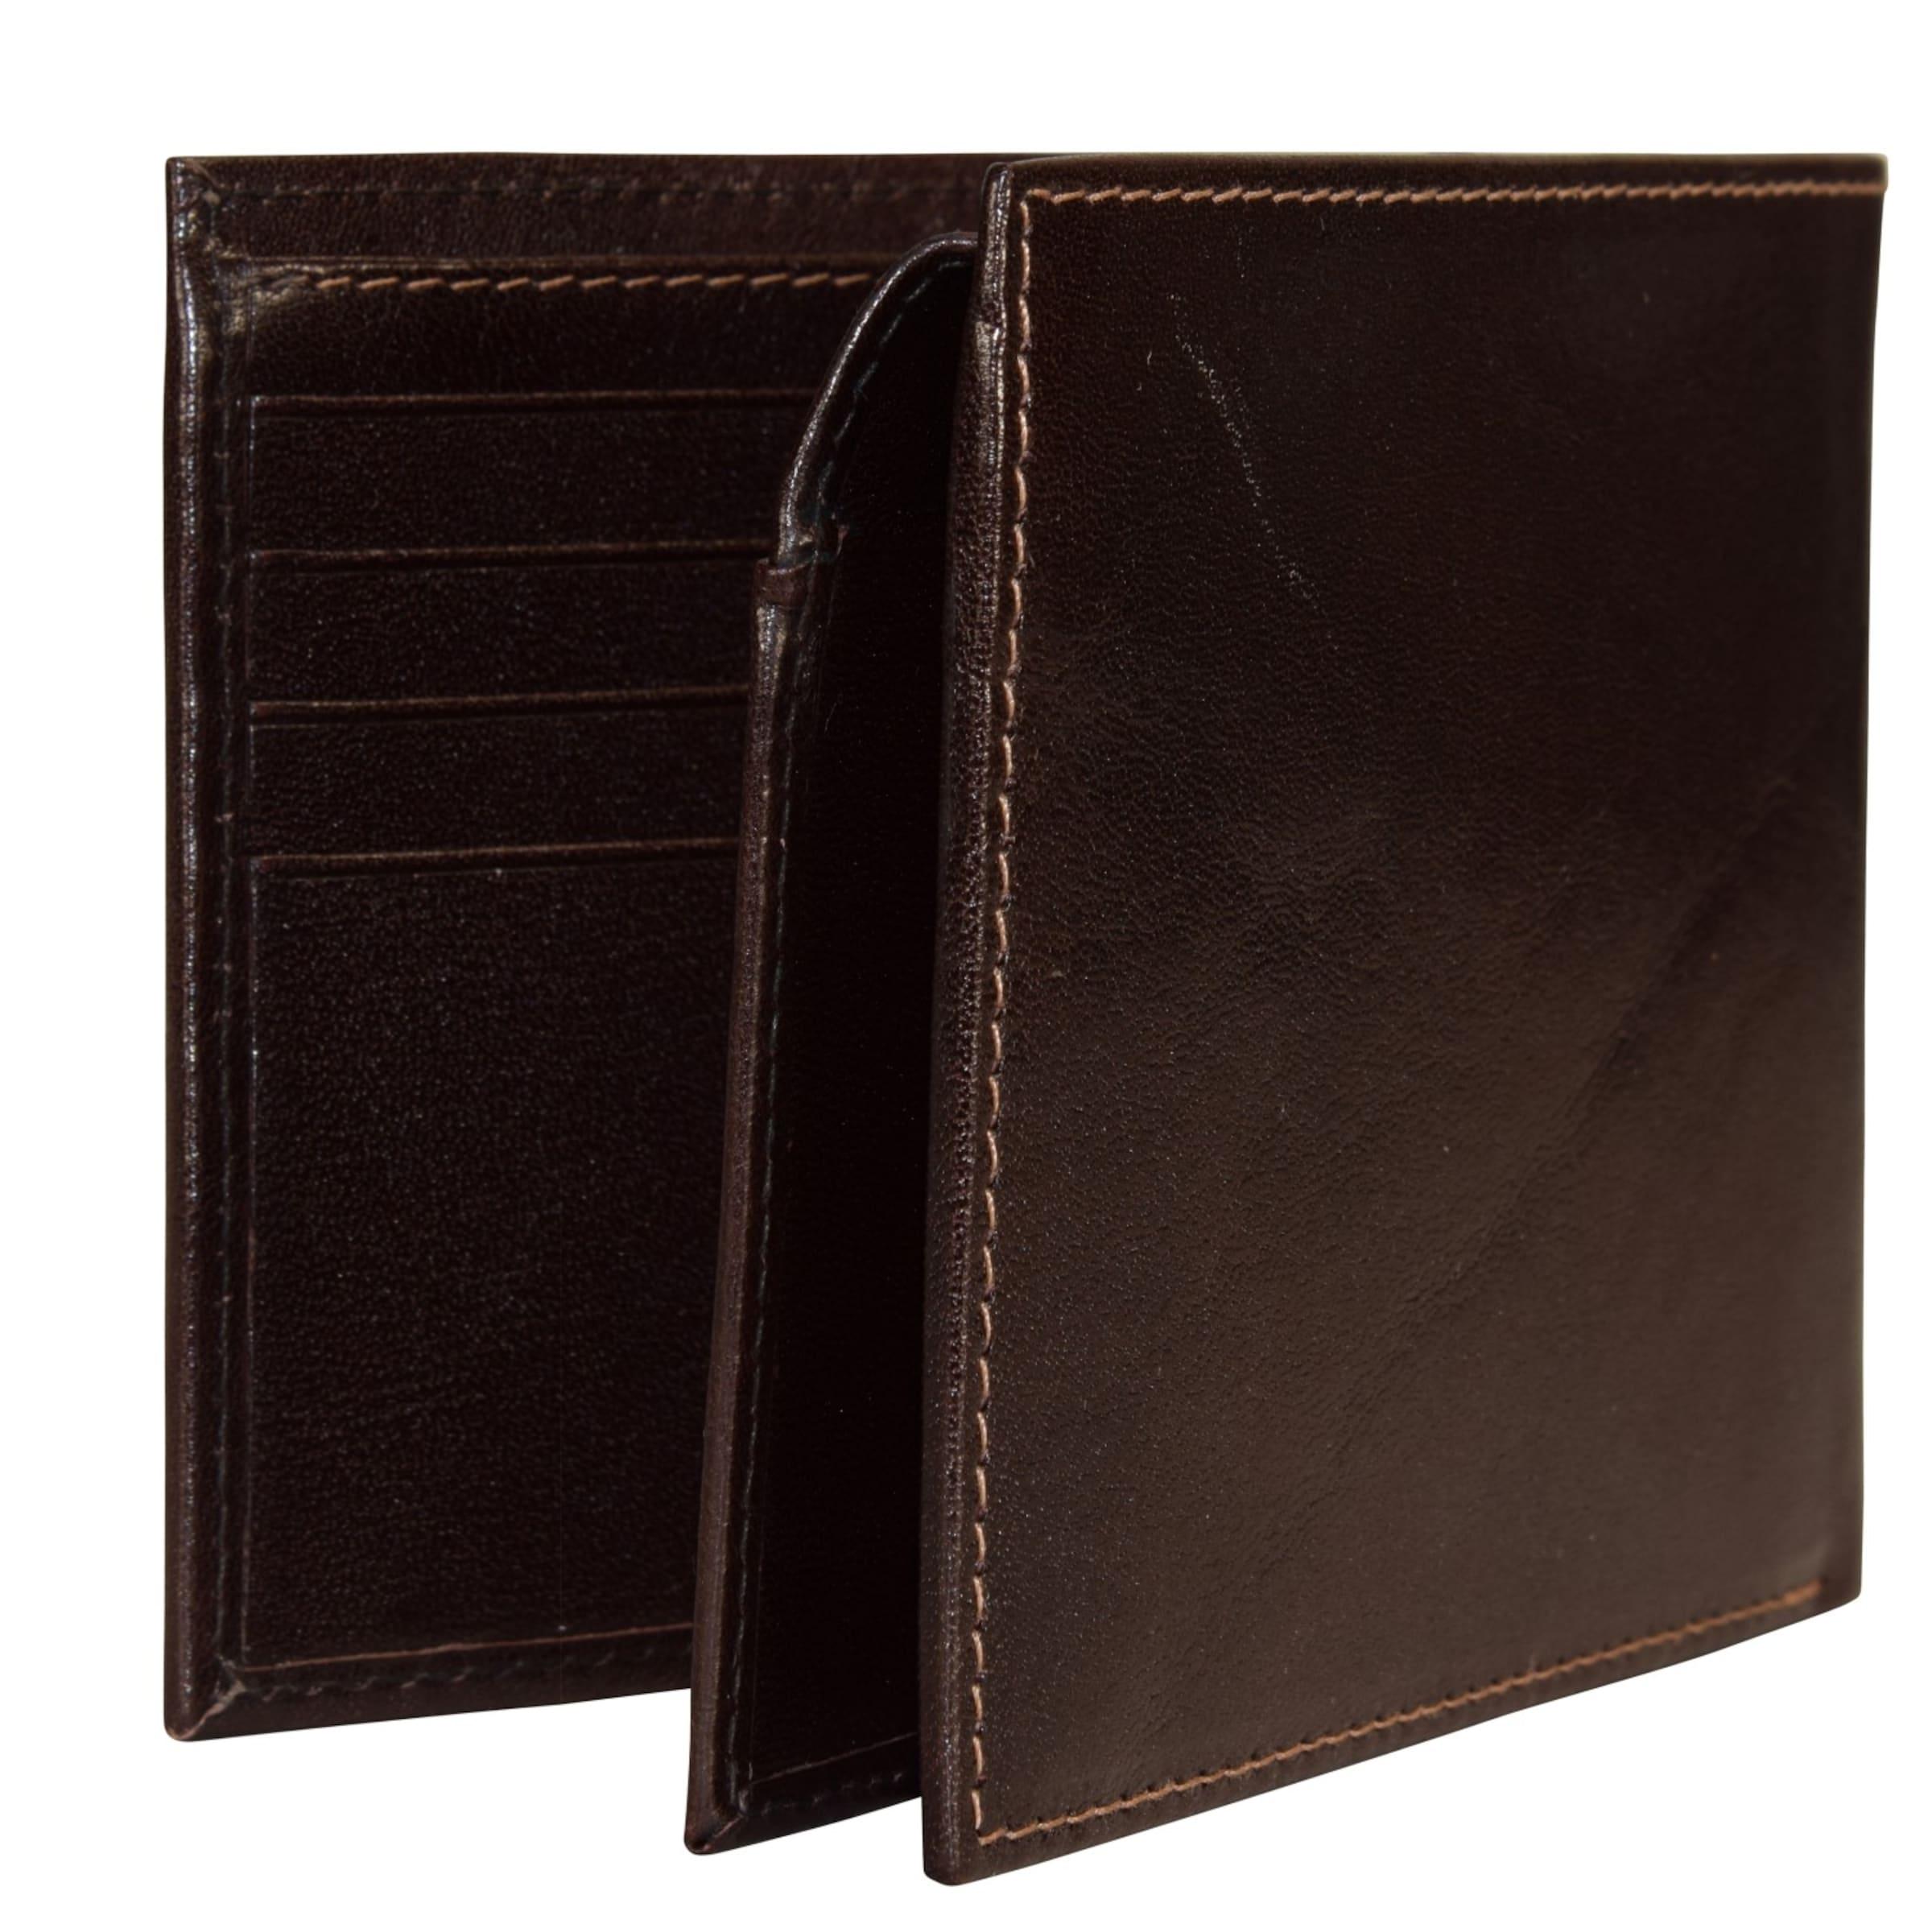 Durchsuchen Verkauf Online Picard 'Bern' Geldbörse Leder 12cm 2018 Neue Preiswerte Online 3b2WioZpc3